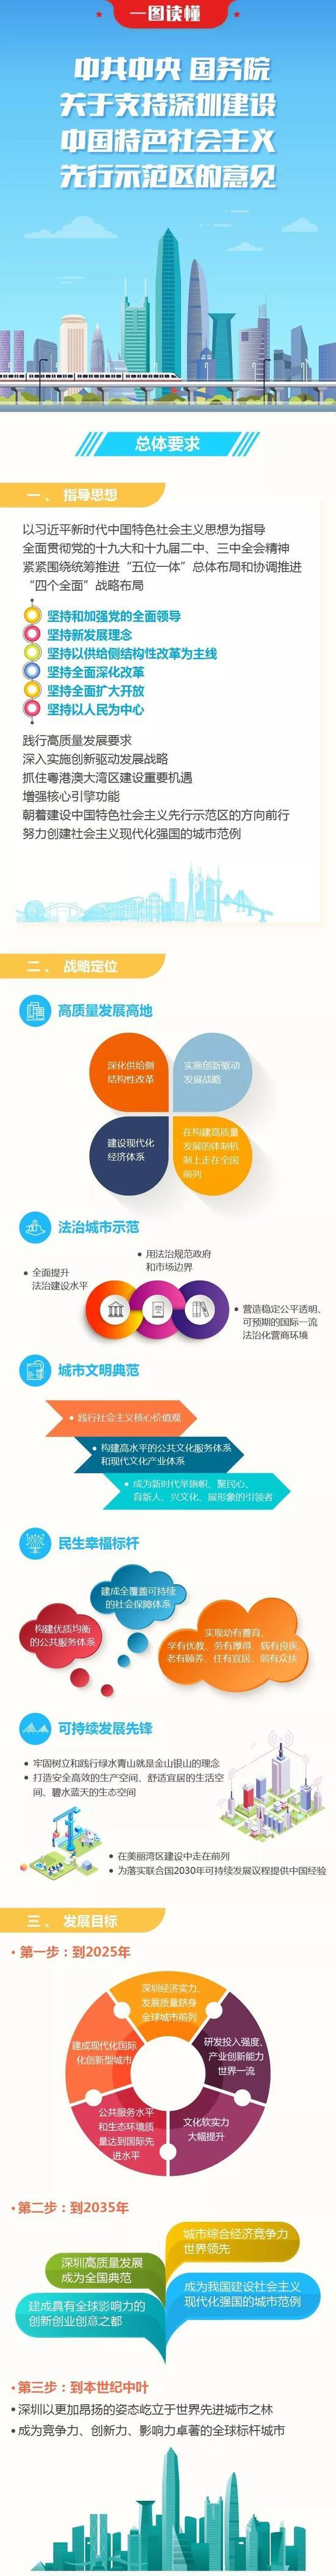 <b>一图读懂:深圳建设中国特色社会主义先行示范区</b>